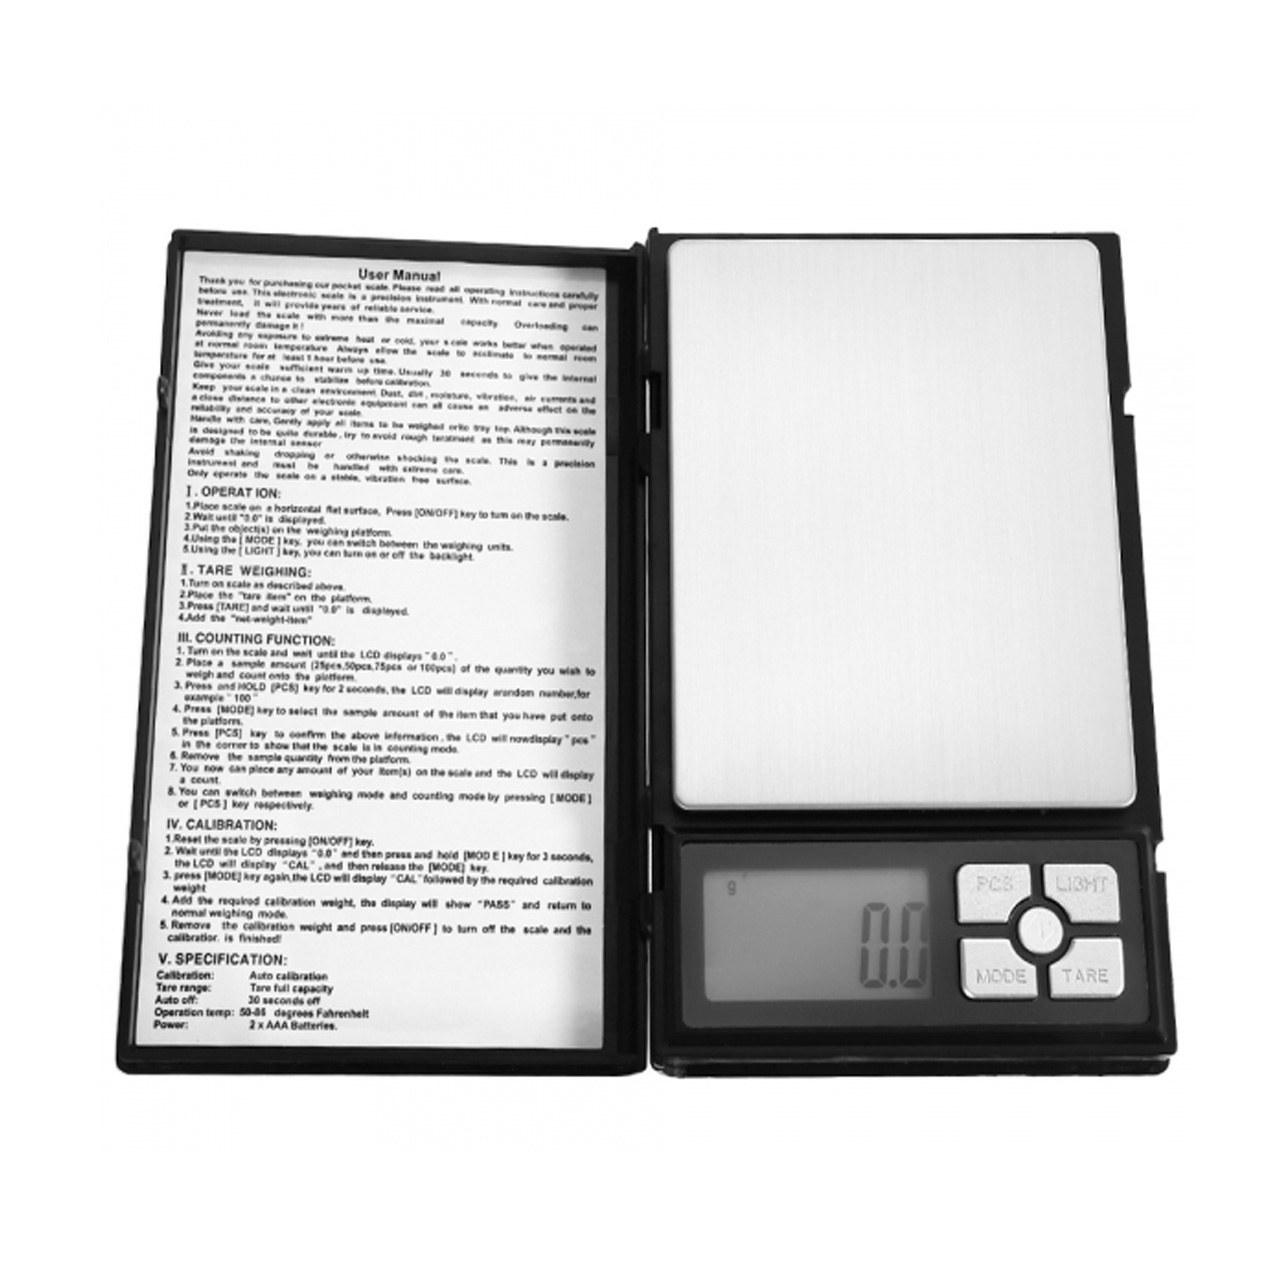 تصویر ترازو دیجیتال 2000 گرمی سری نوت بوک Digital Scale